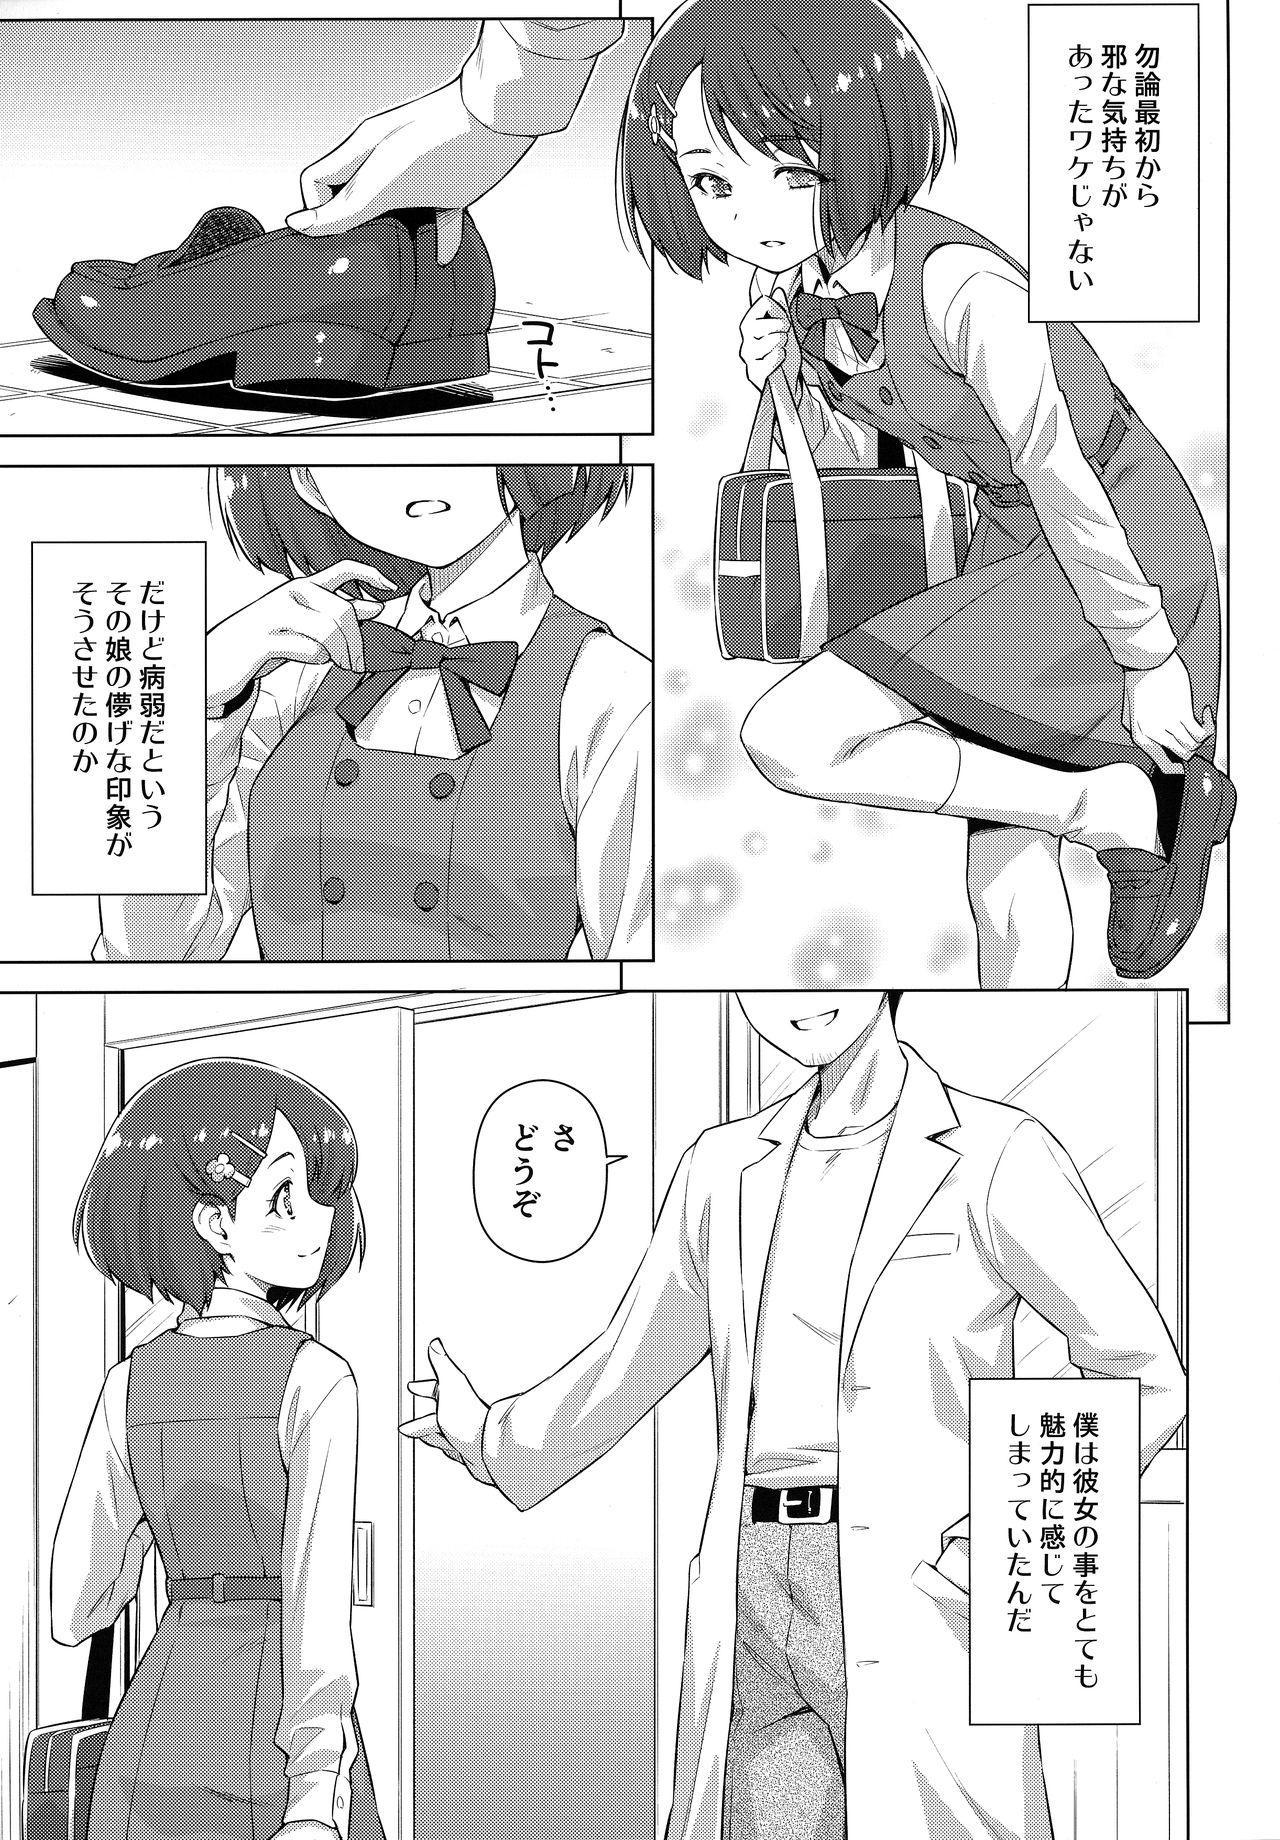 Boku no Shinryoujo e Youkoso. 5